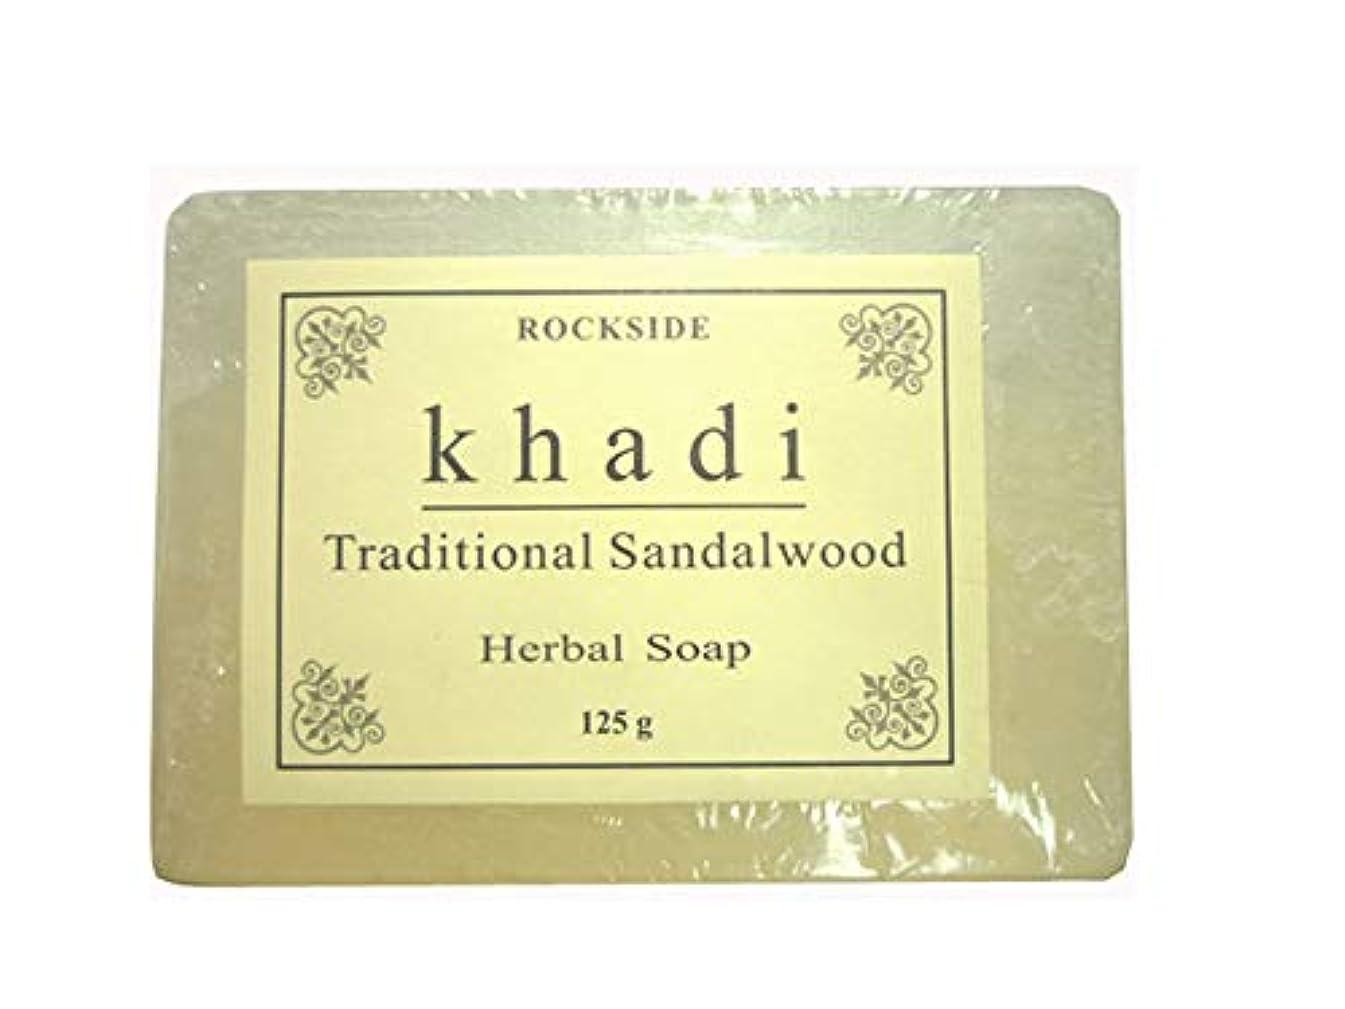 とまり木ホイールたっぷり手作り カーディ サンダルウッド ソープKhadi Traditional Sandalwood Soap